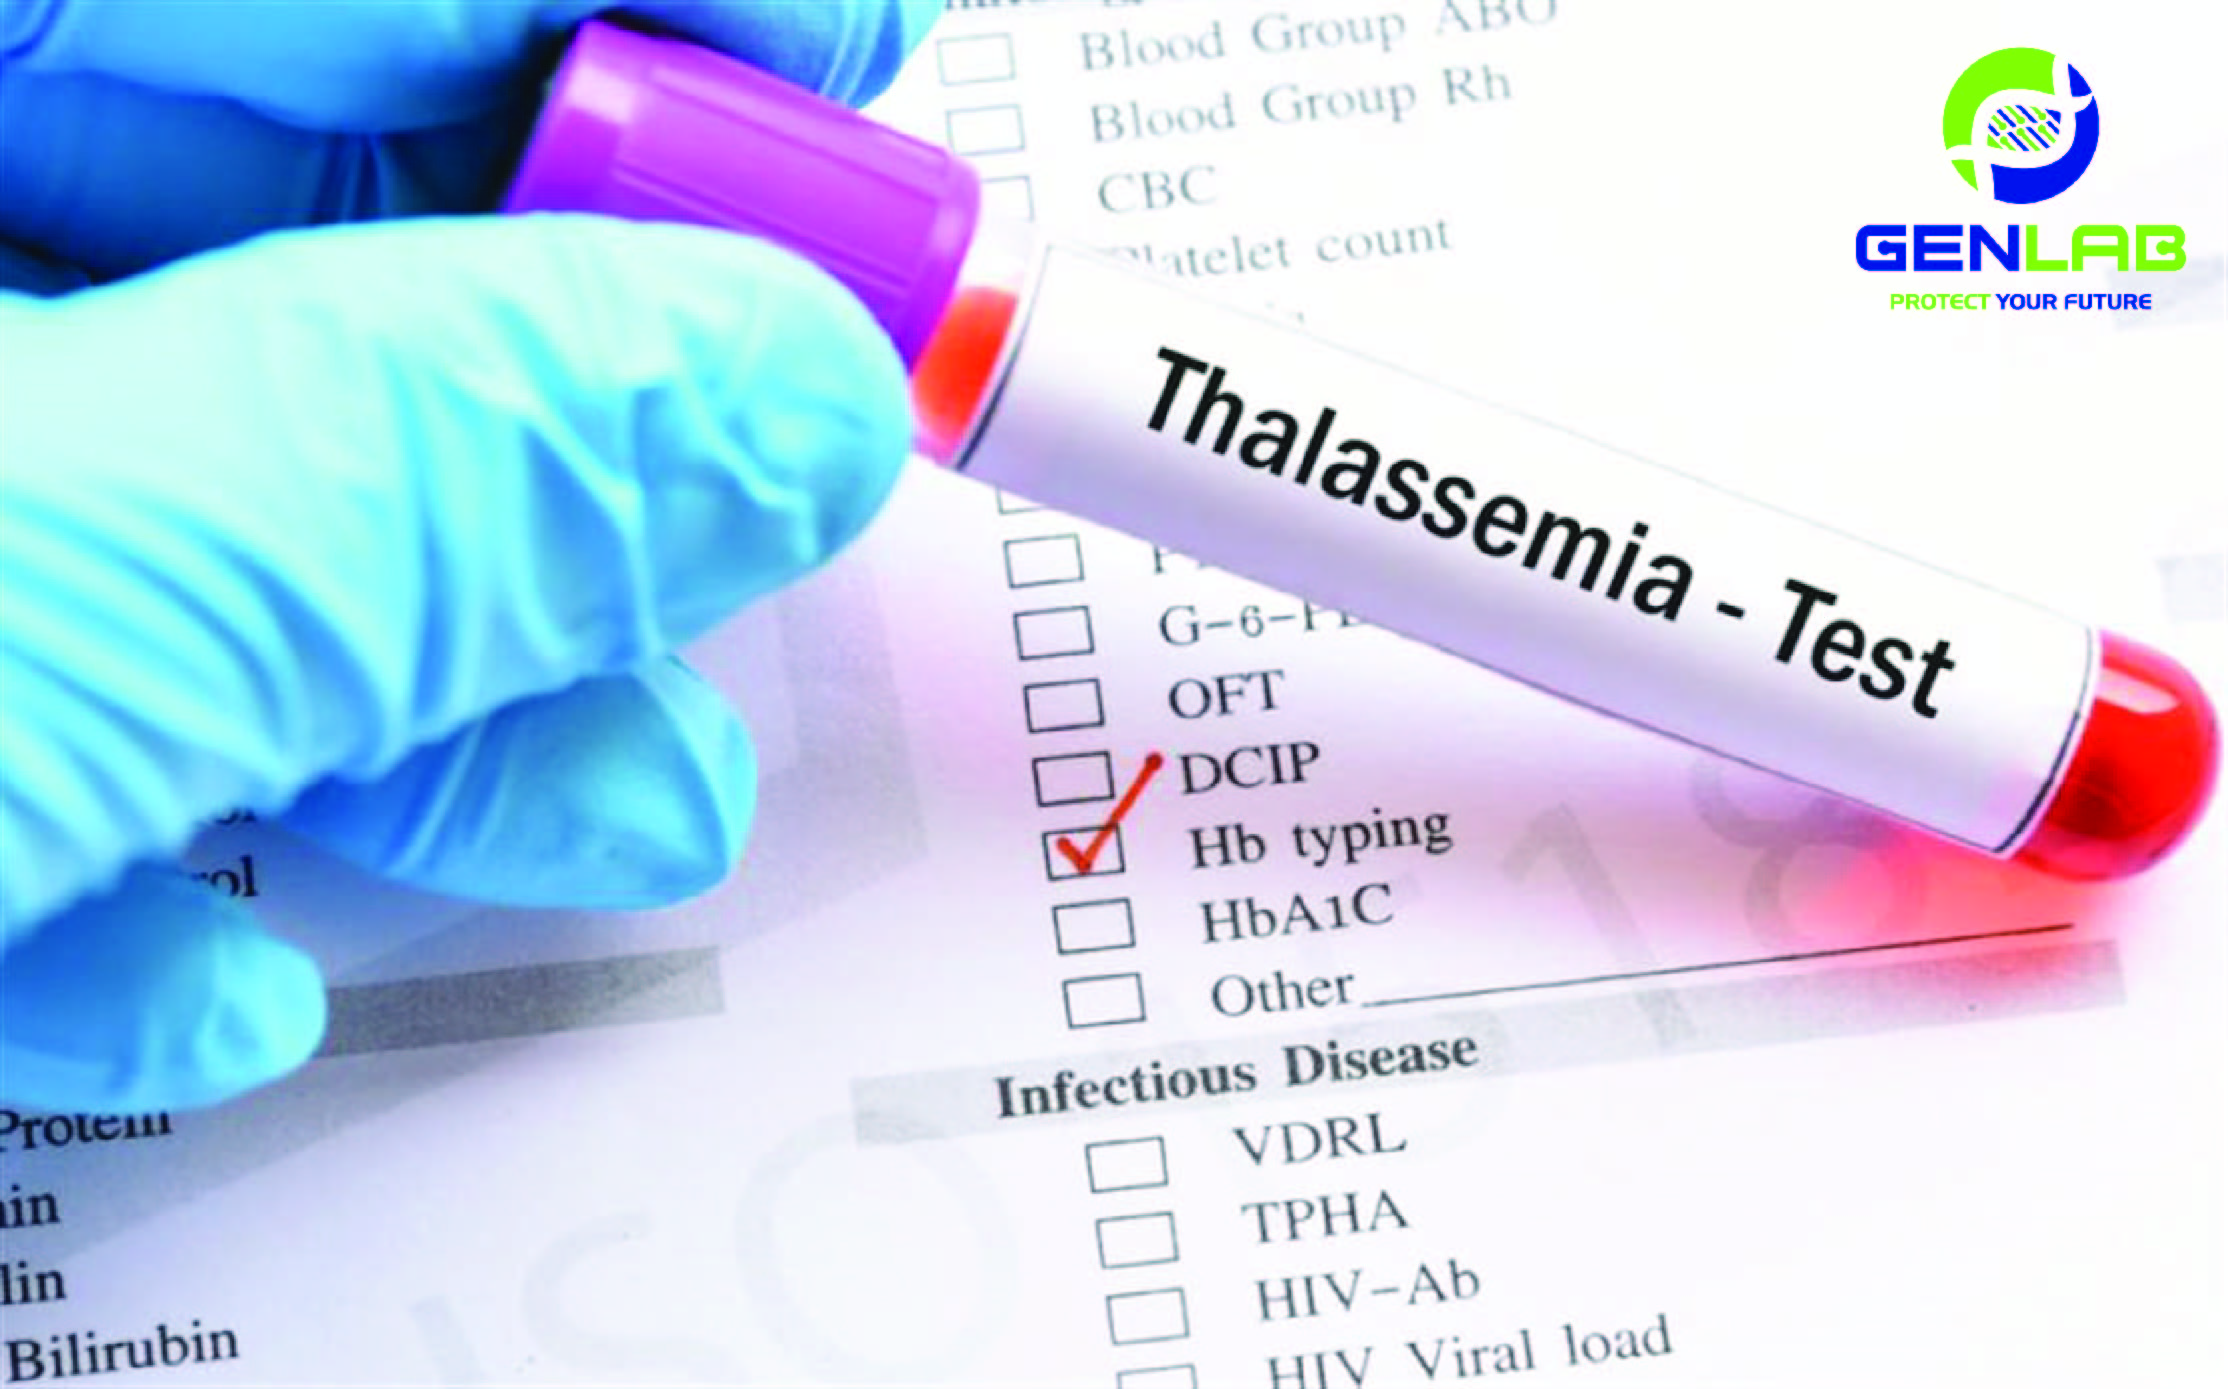 Dịch Vụ xét nghiệm tan máu bẩm sinh – Thalassemia tại Genlab – SĐT: 0968 589 489